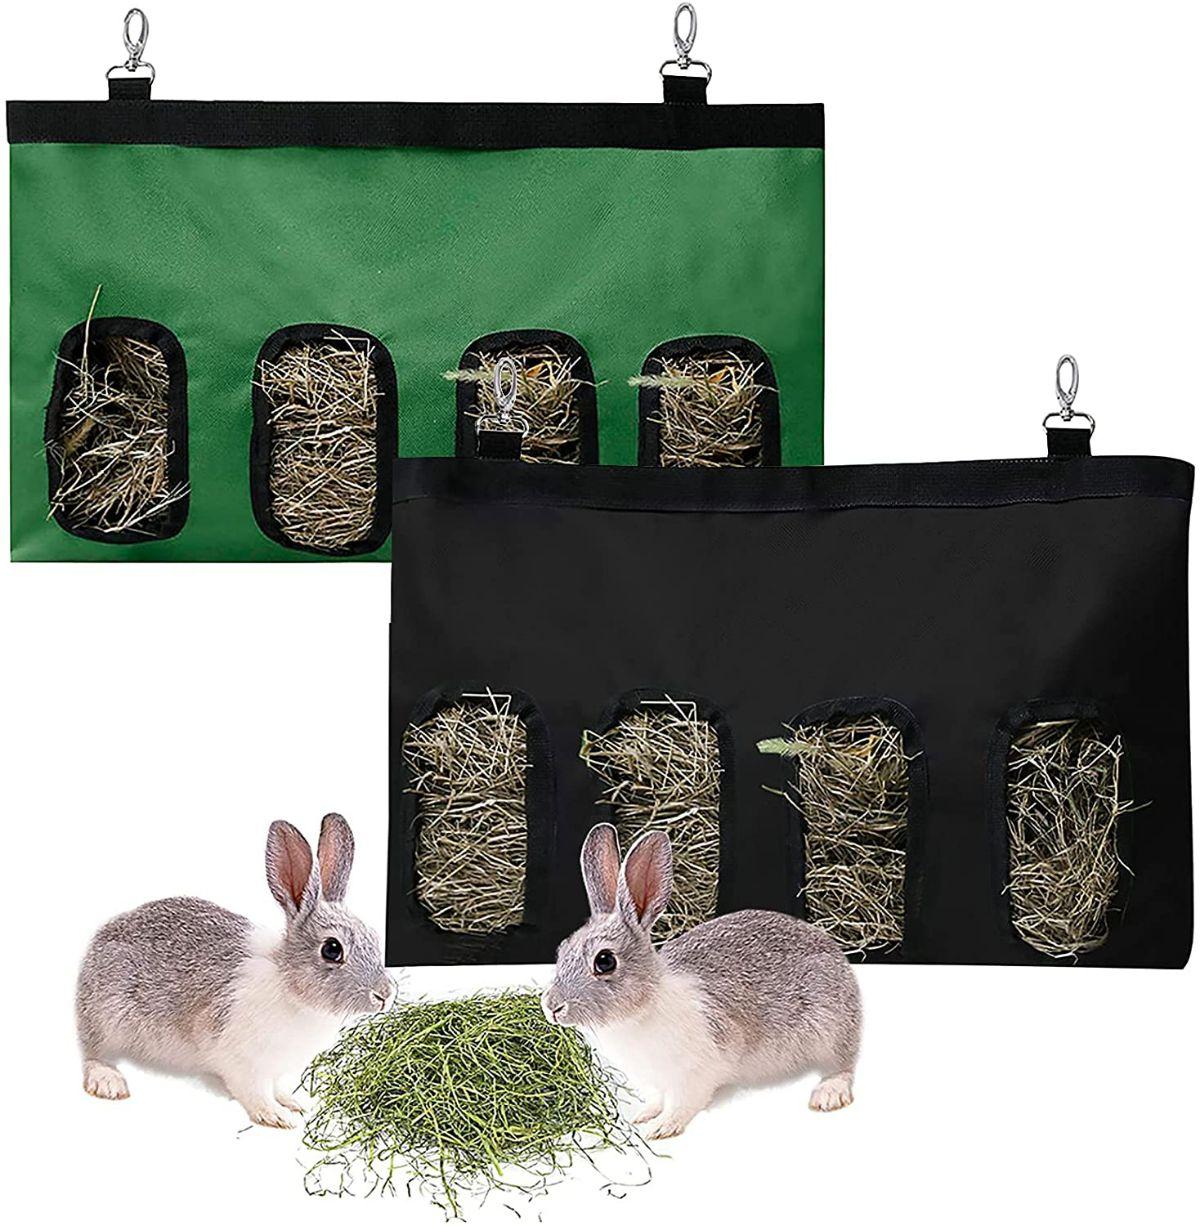 Mejores marcas de heno para conejos